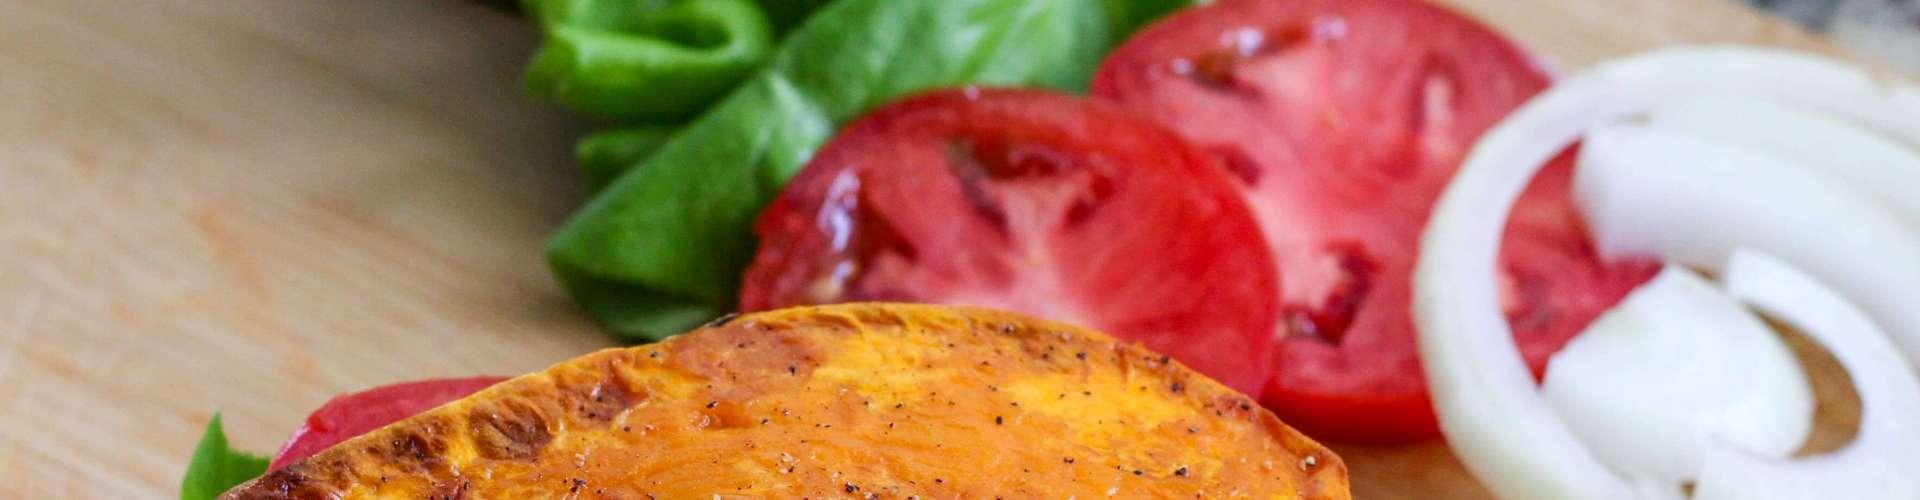 Paleo Buffalo Chicken Sandwich on Sweet Potato Buns